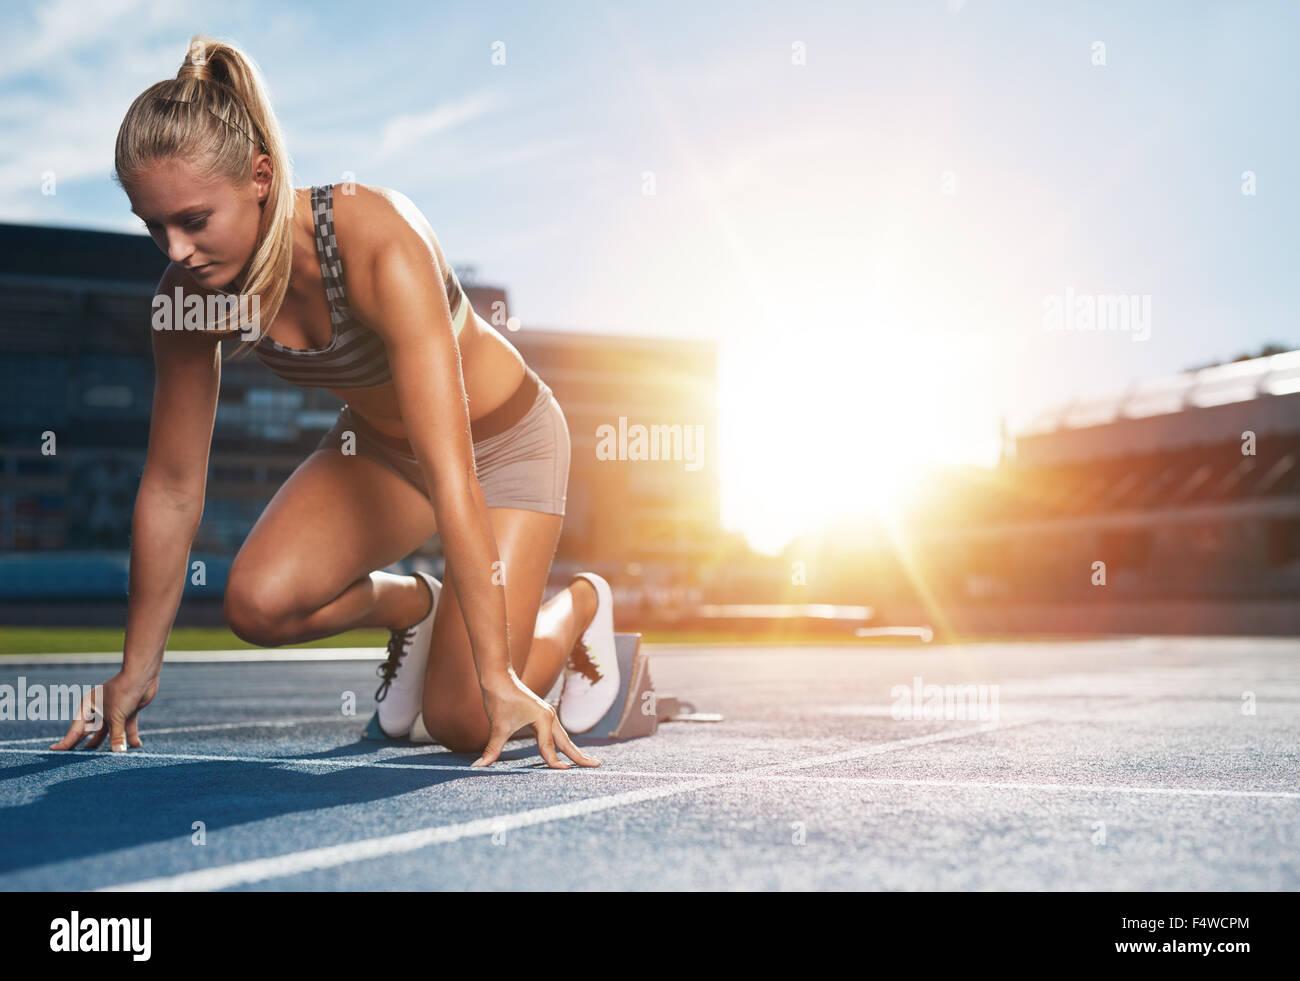 Jeune femme athlète à la position de départ prêt à démarrer une course. Sprinter femme Photo Stock